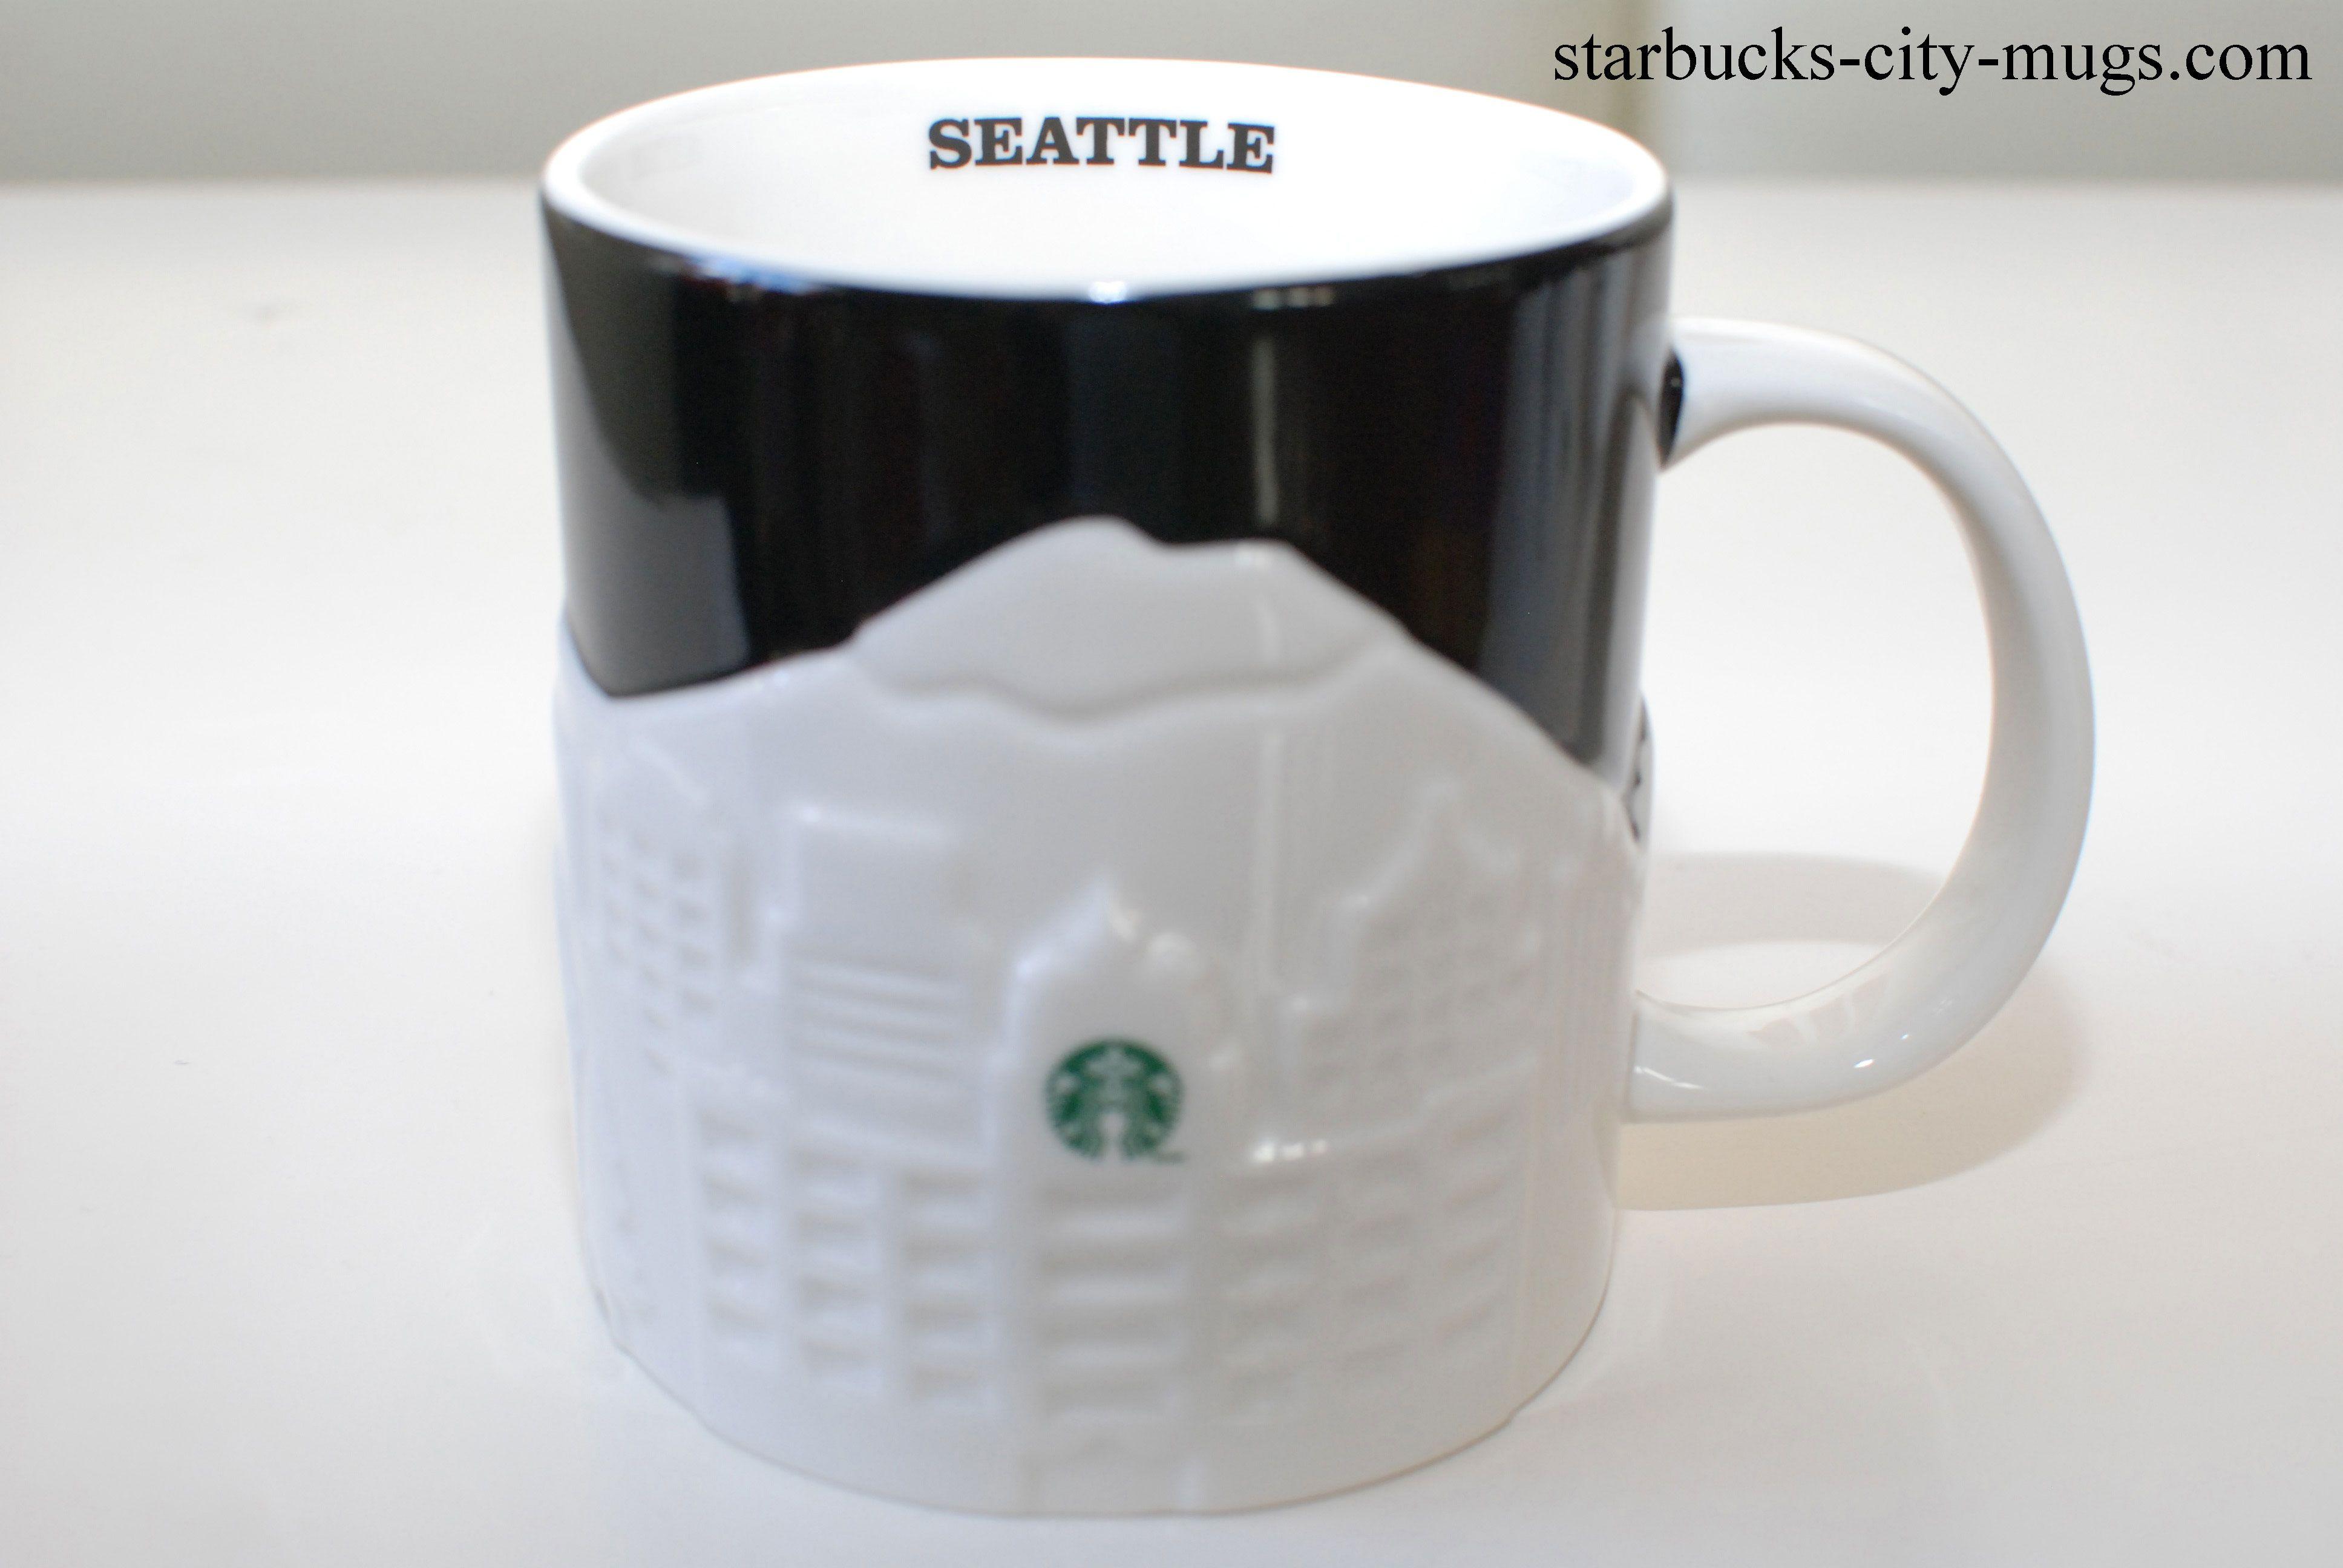 Http Starbucks City Mugs Com Relief Mugs Usa Relief Seattle Mugs Starbucks City Mugs Starbucks Mugs